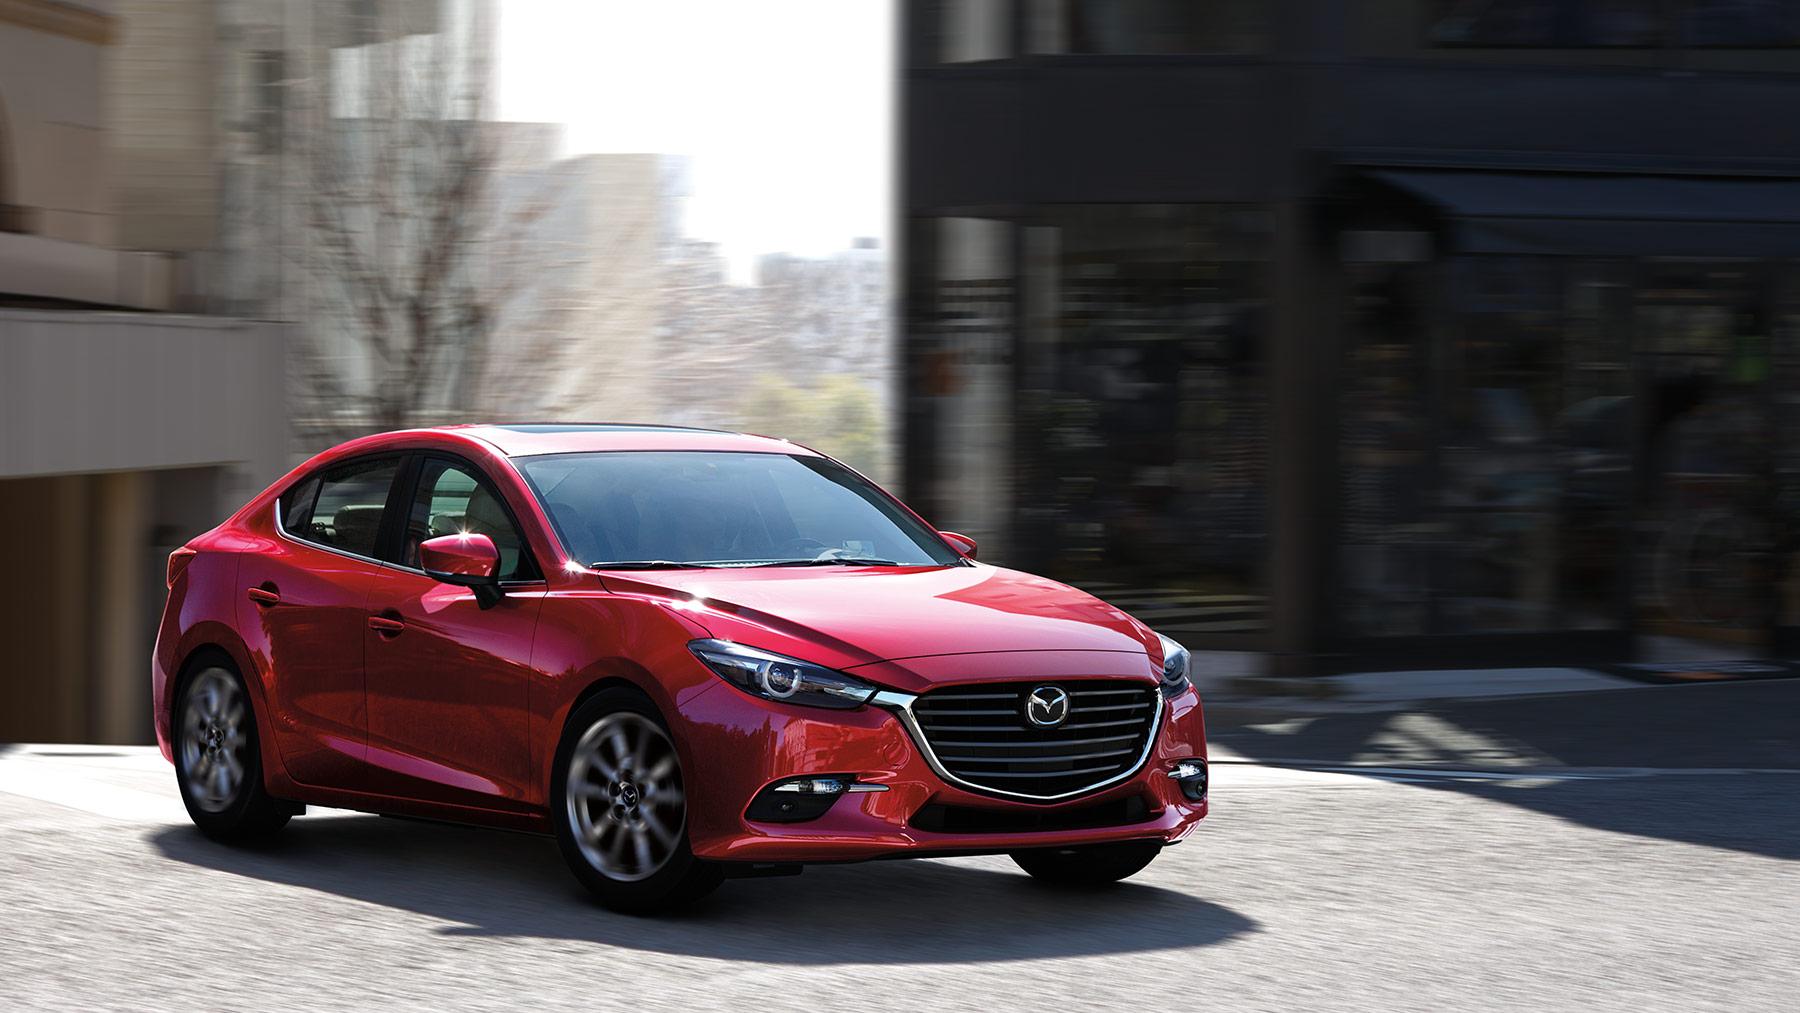 2018 Mazda3 4-door Front Red Exterior